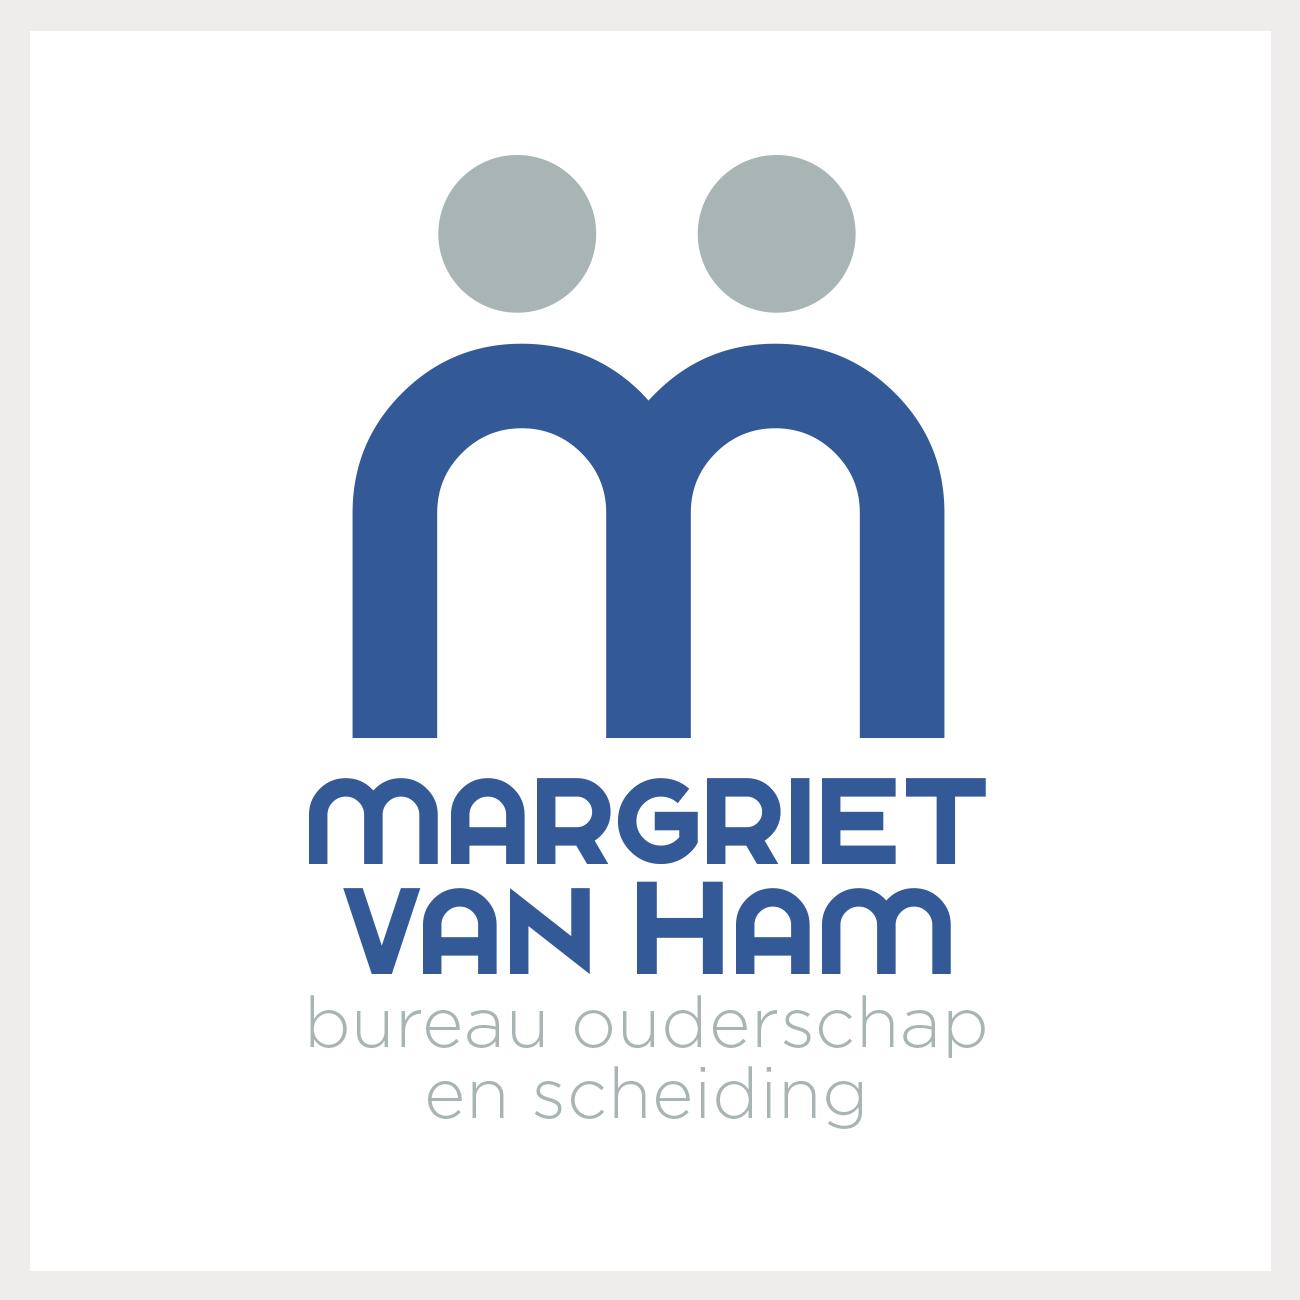 Identiteit voor Margriet van Ham - bureau voor ouderschap en scheiding